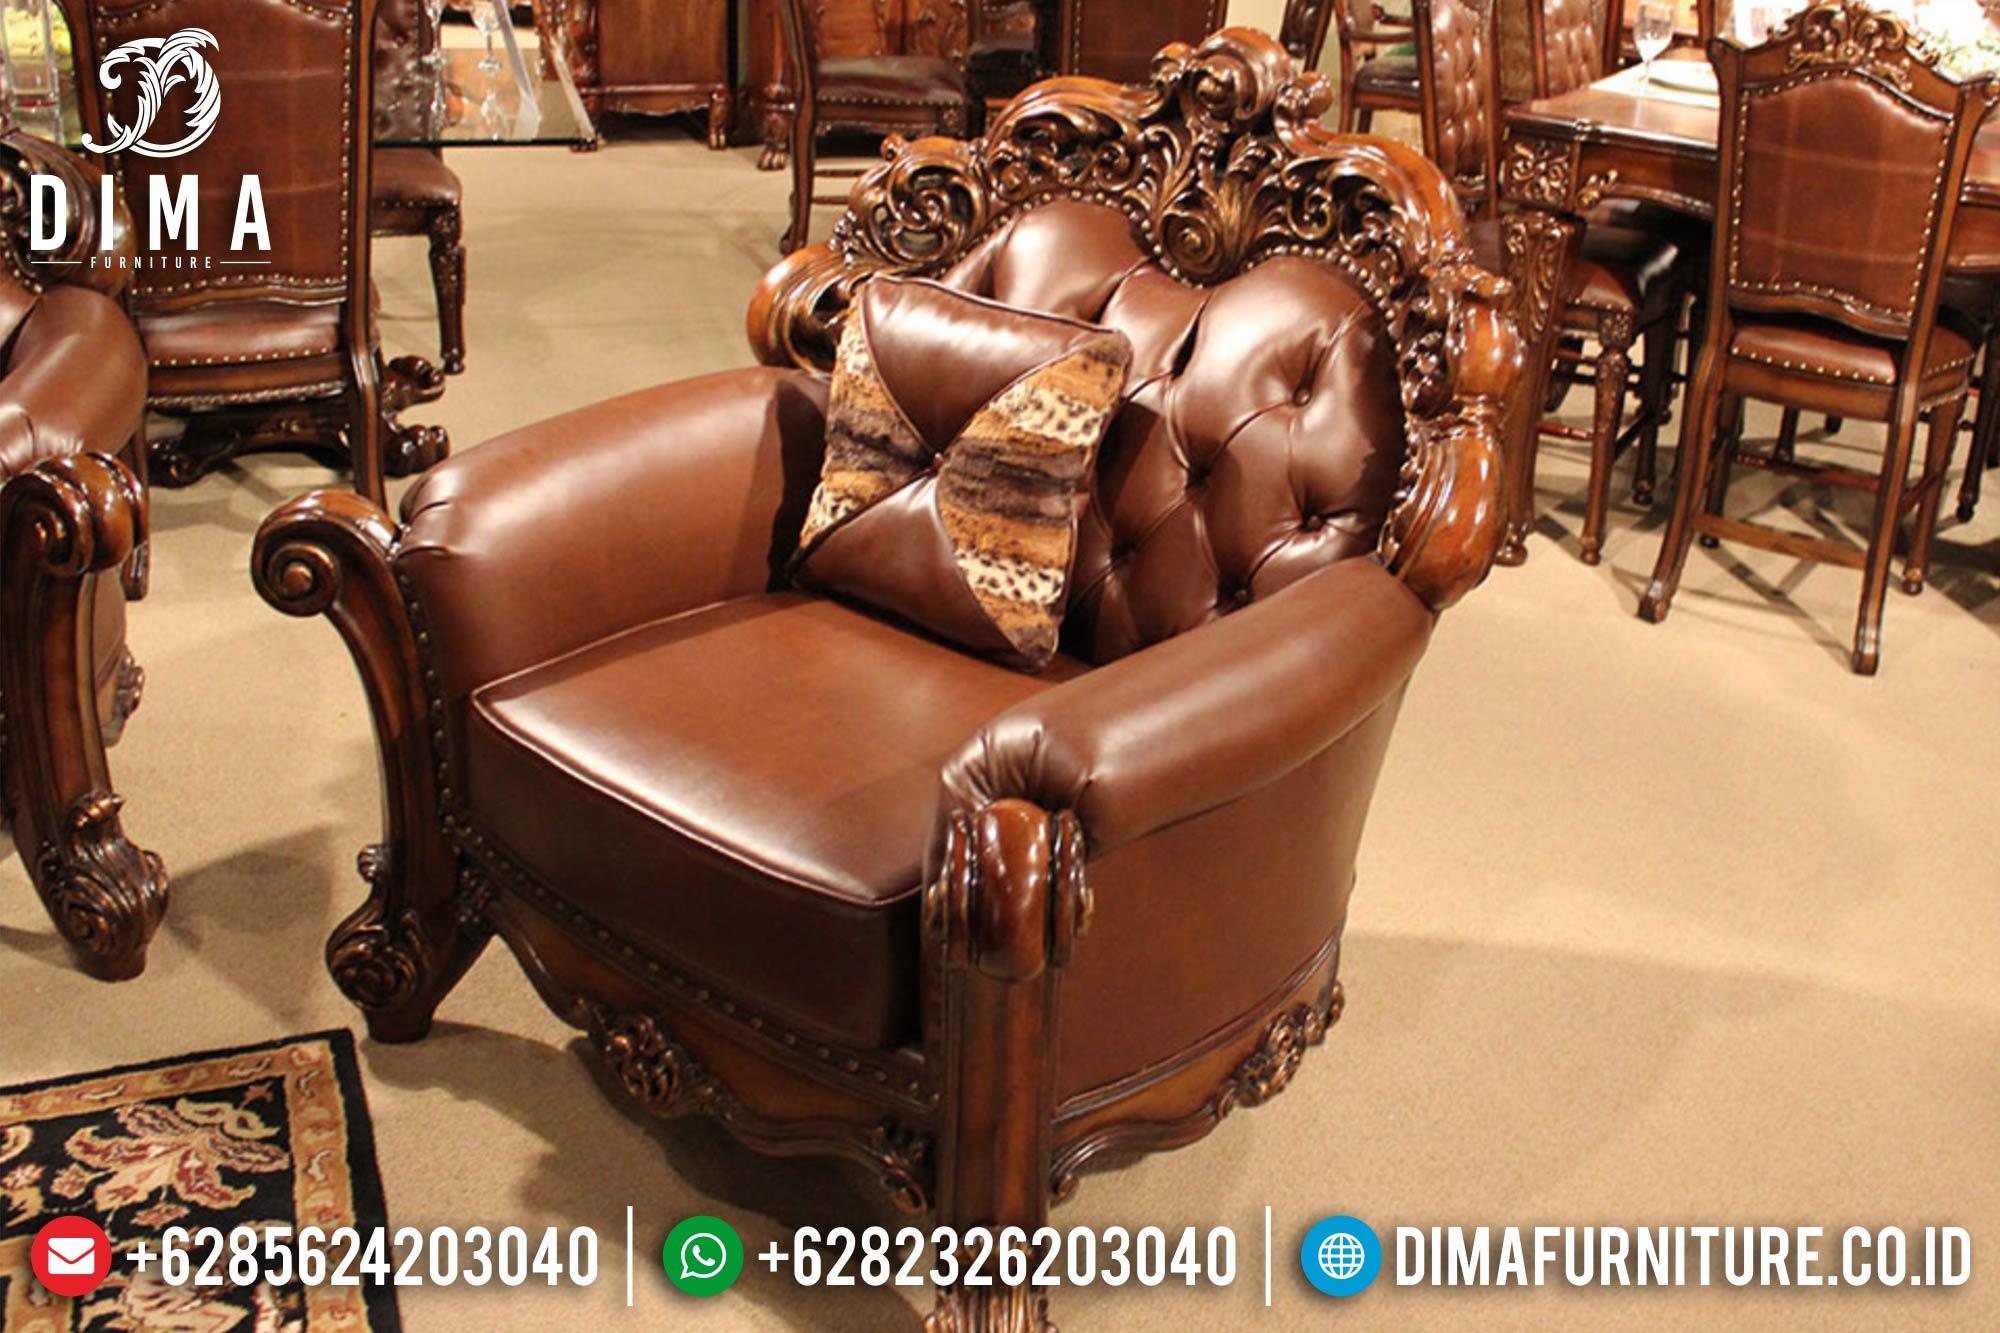 Kursi Sofa Tamu Jepara Set Mewah Terbaru Klasik Royals DF-0386 Gambar 3